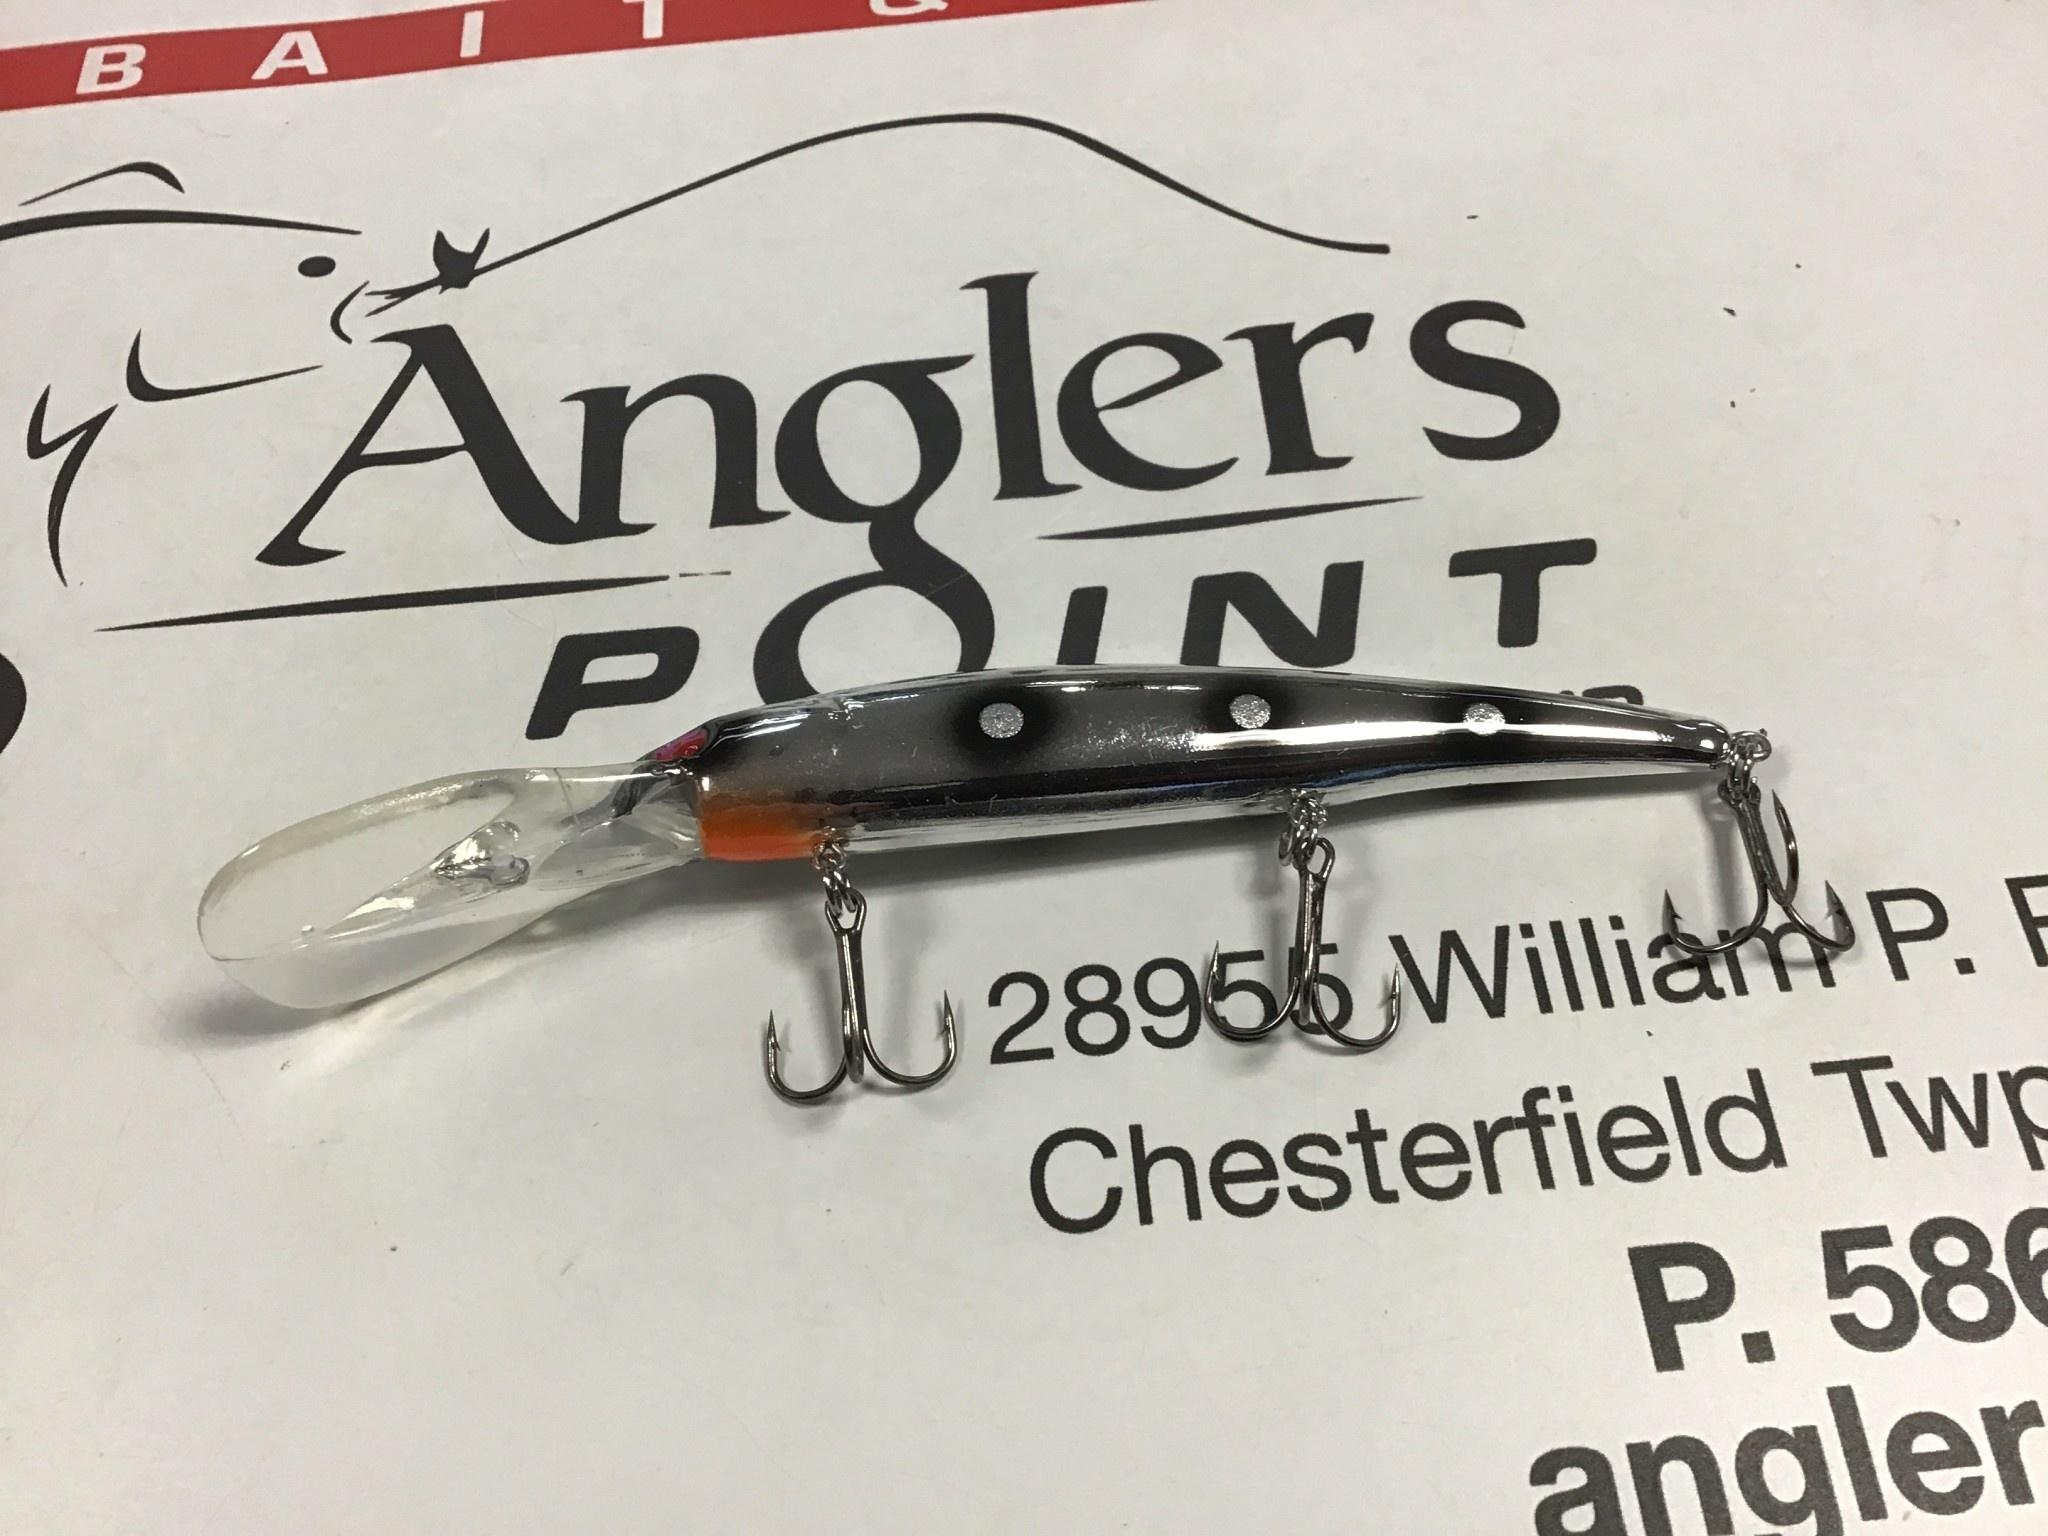 Anglers Bandit #20